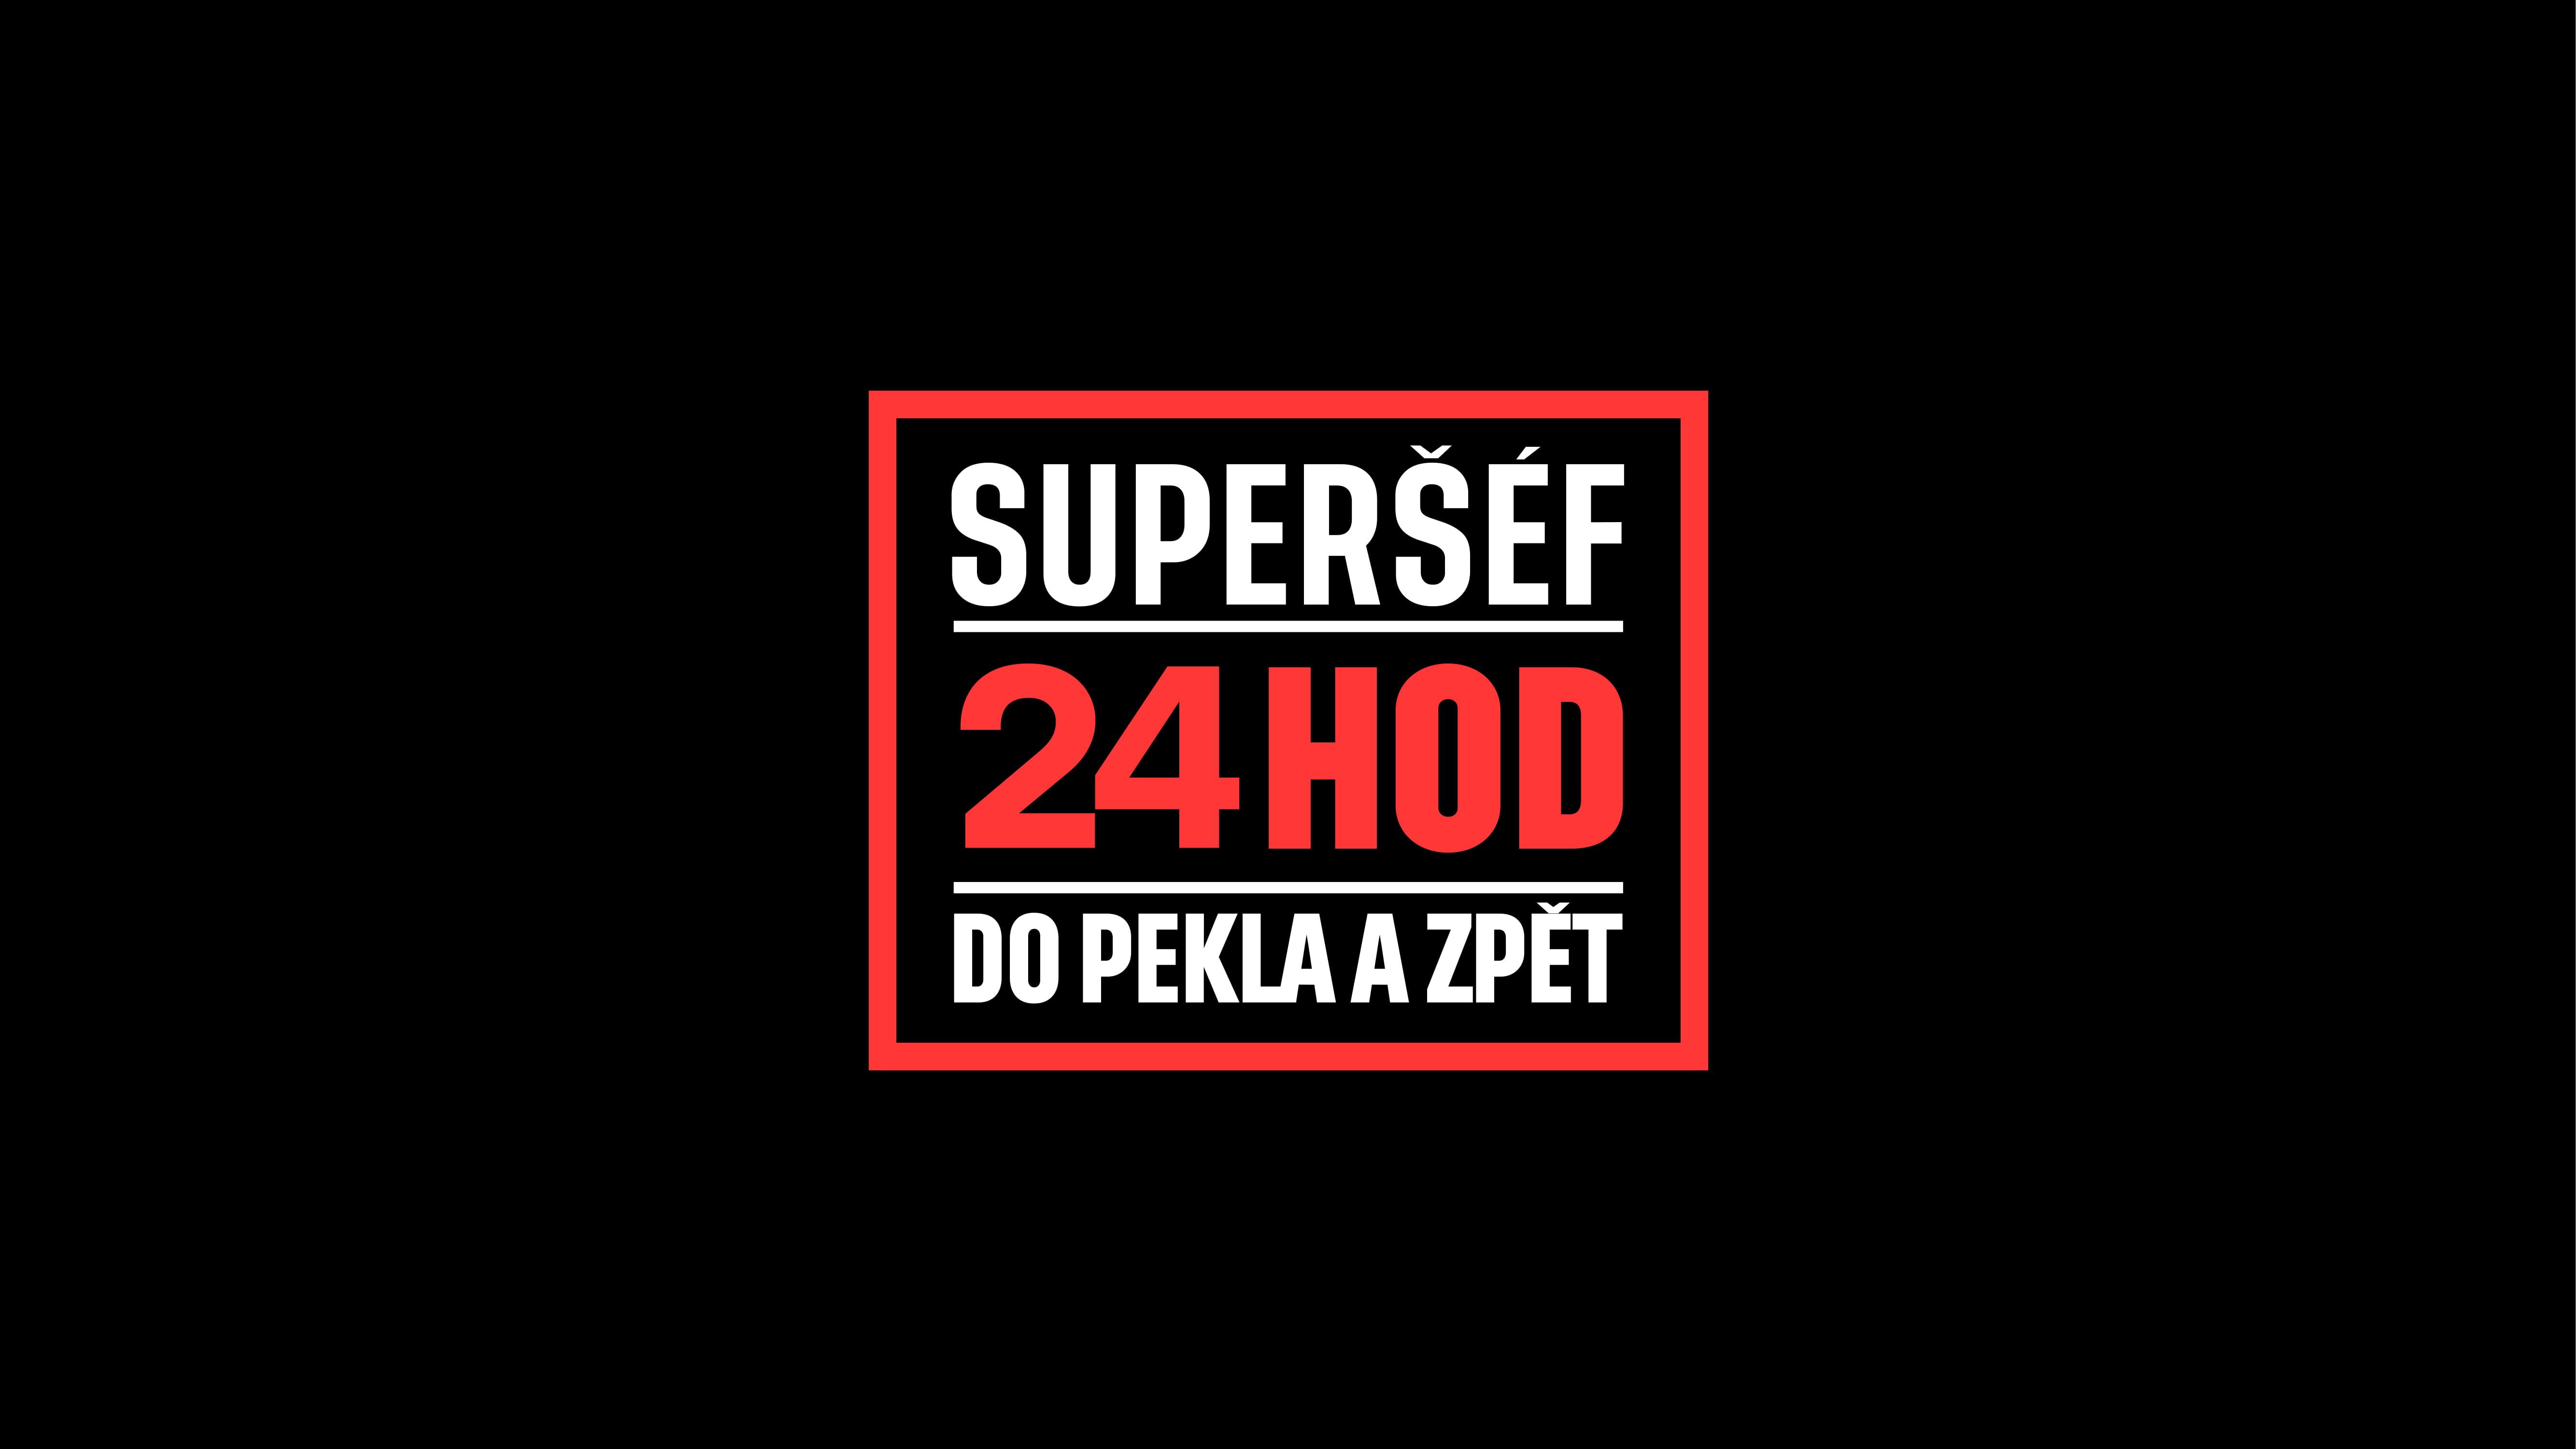 Superšéf - 24 hodin do pekla a zpět